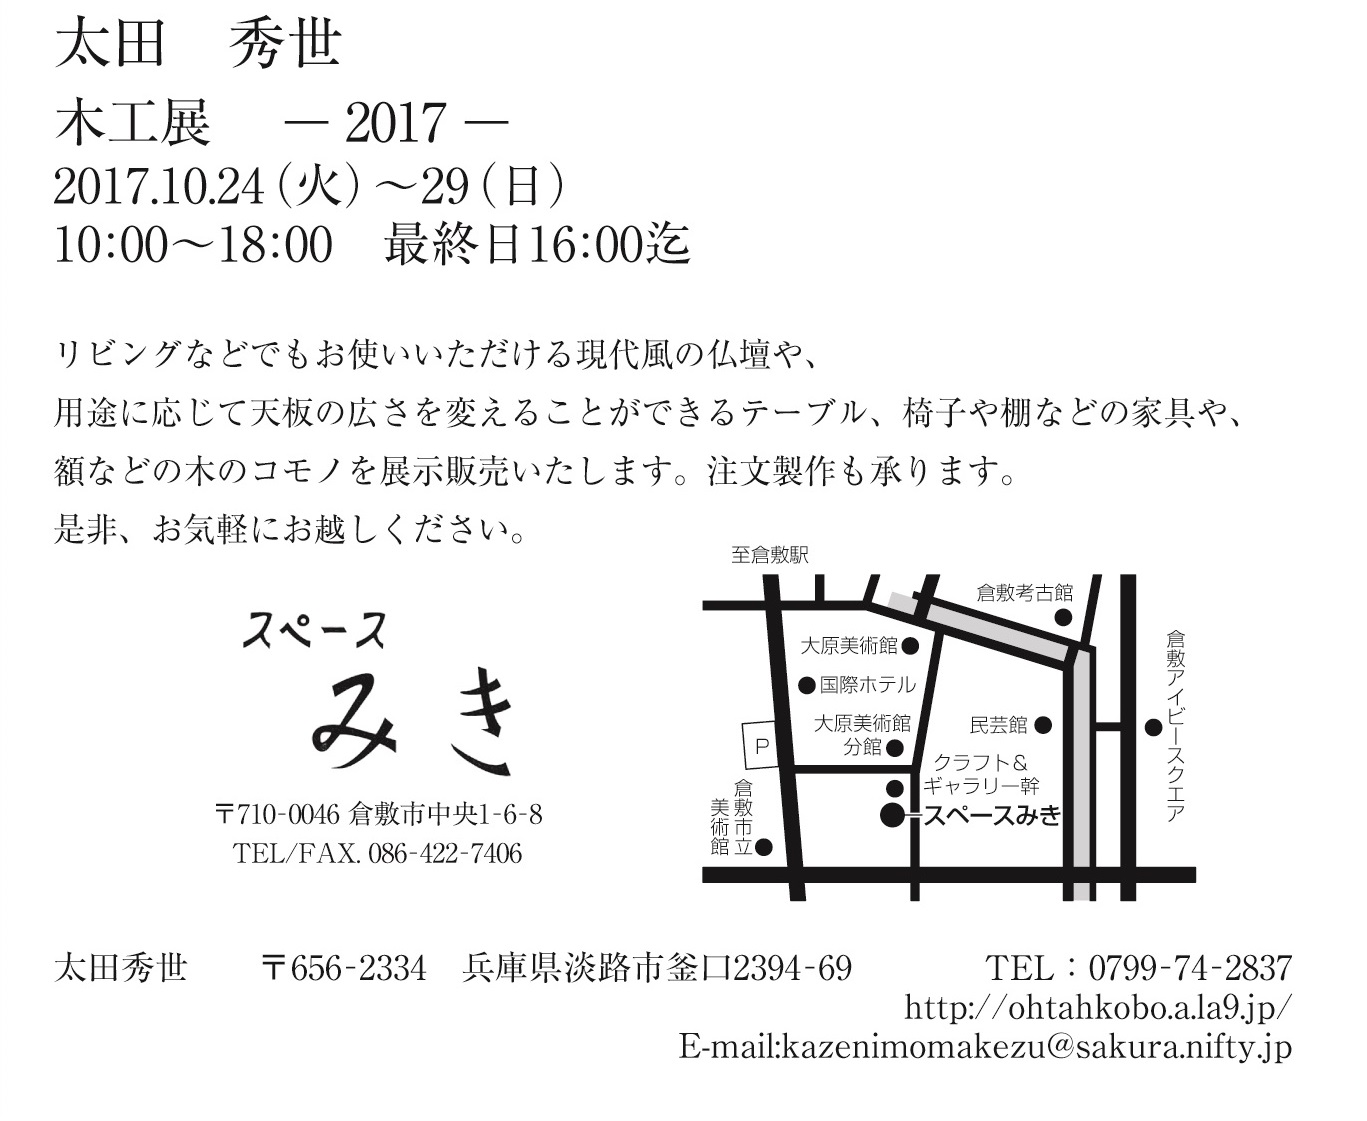 倉敷での展示会のご案内-2(2017)